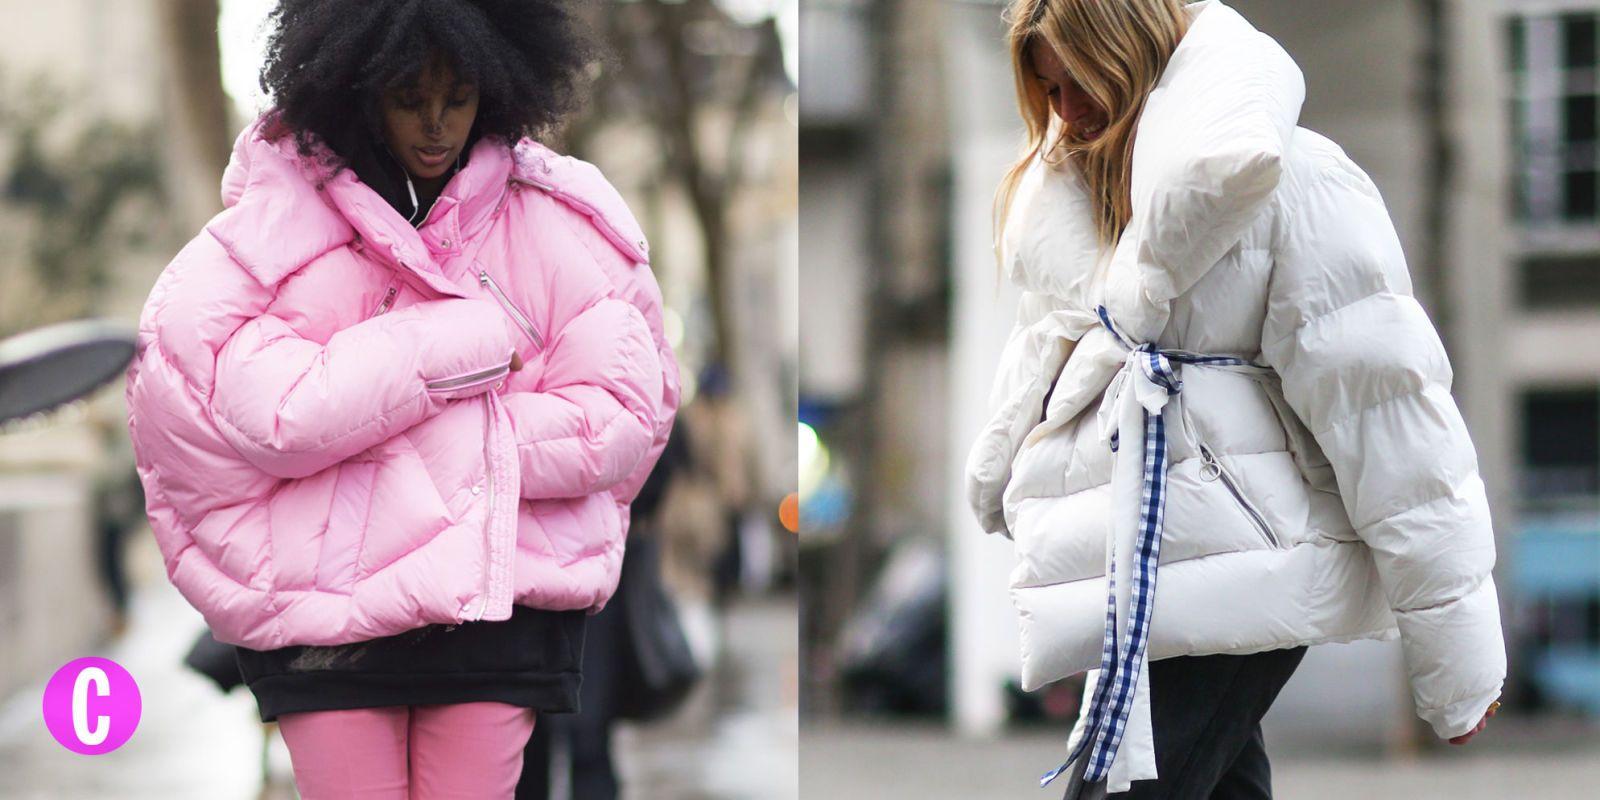 Piumini donna antifreddo: i modelli per l'inverno 2020